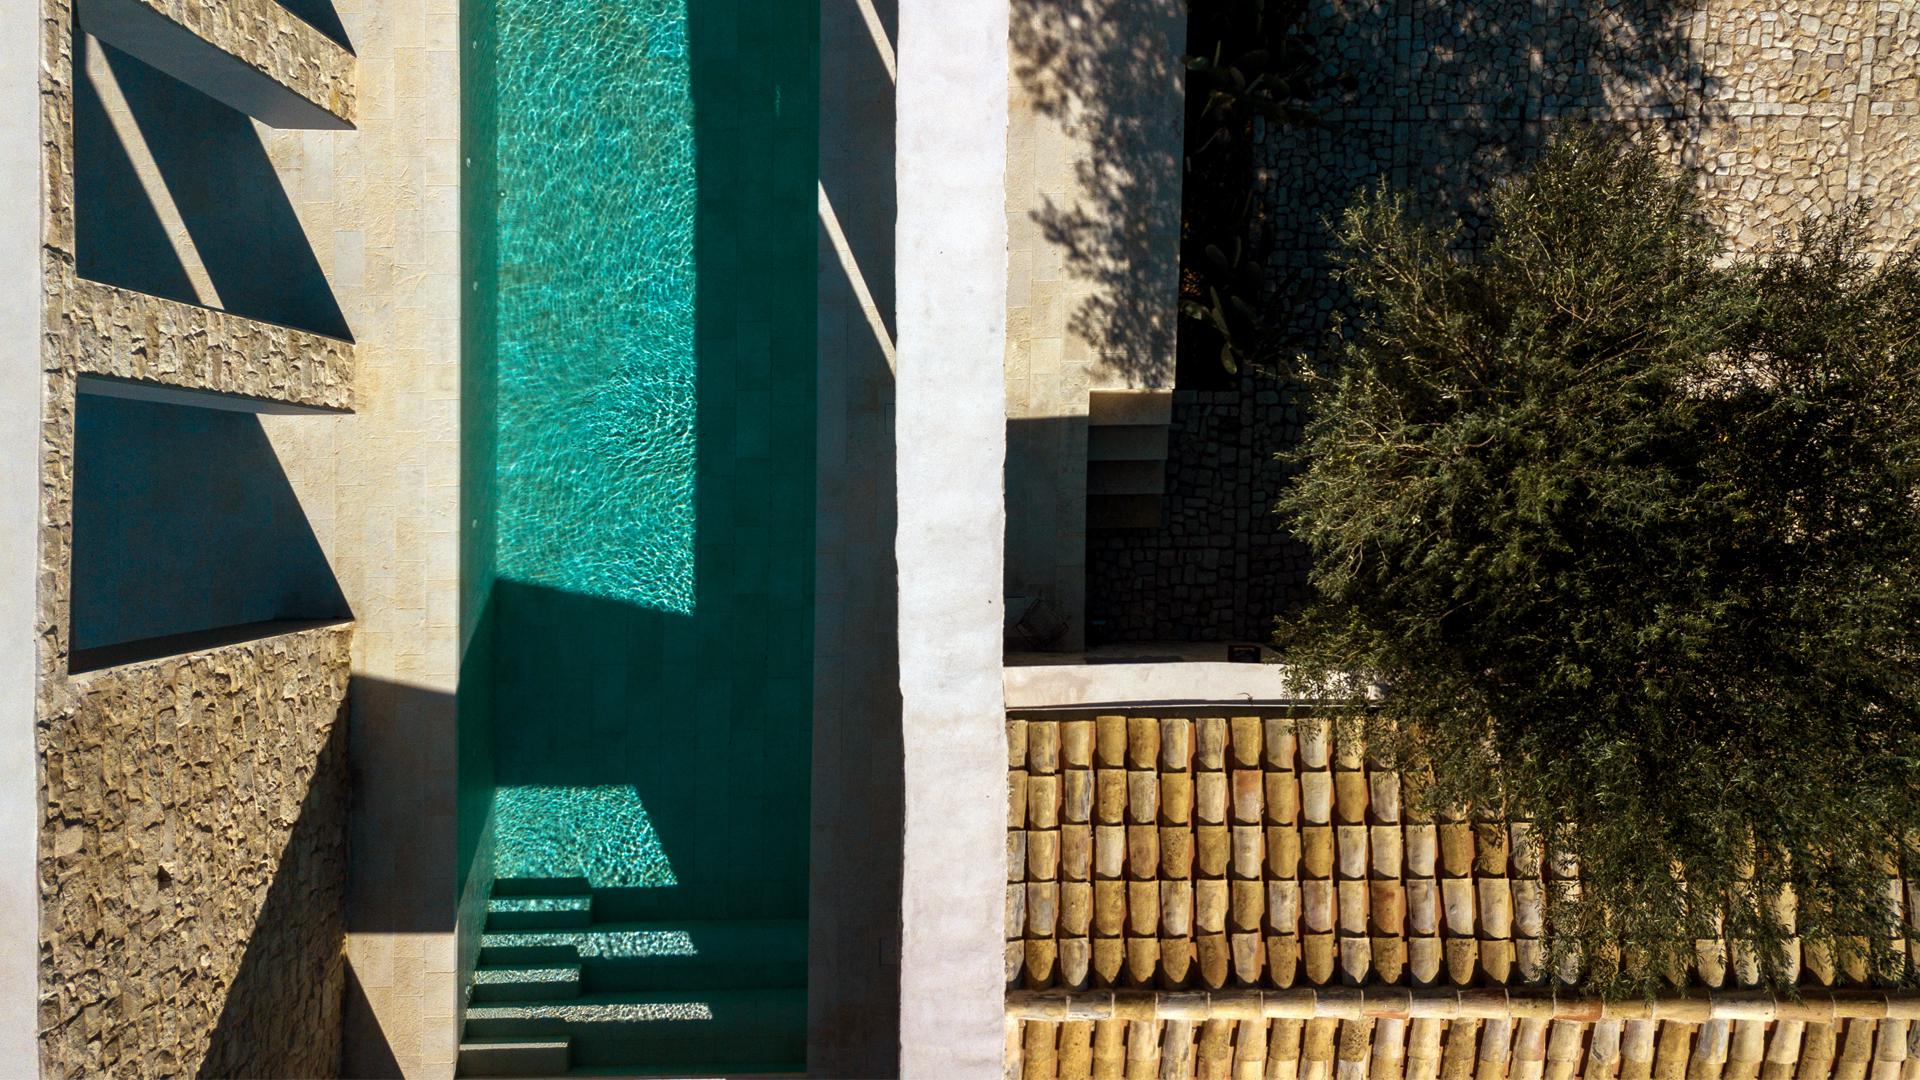 bevilacqua_architects_lachiusa_05